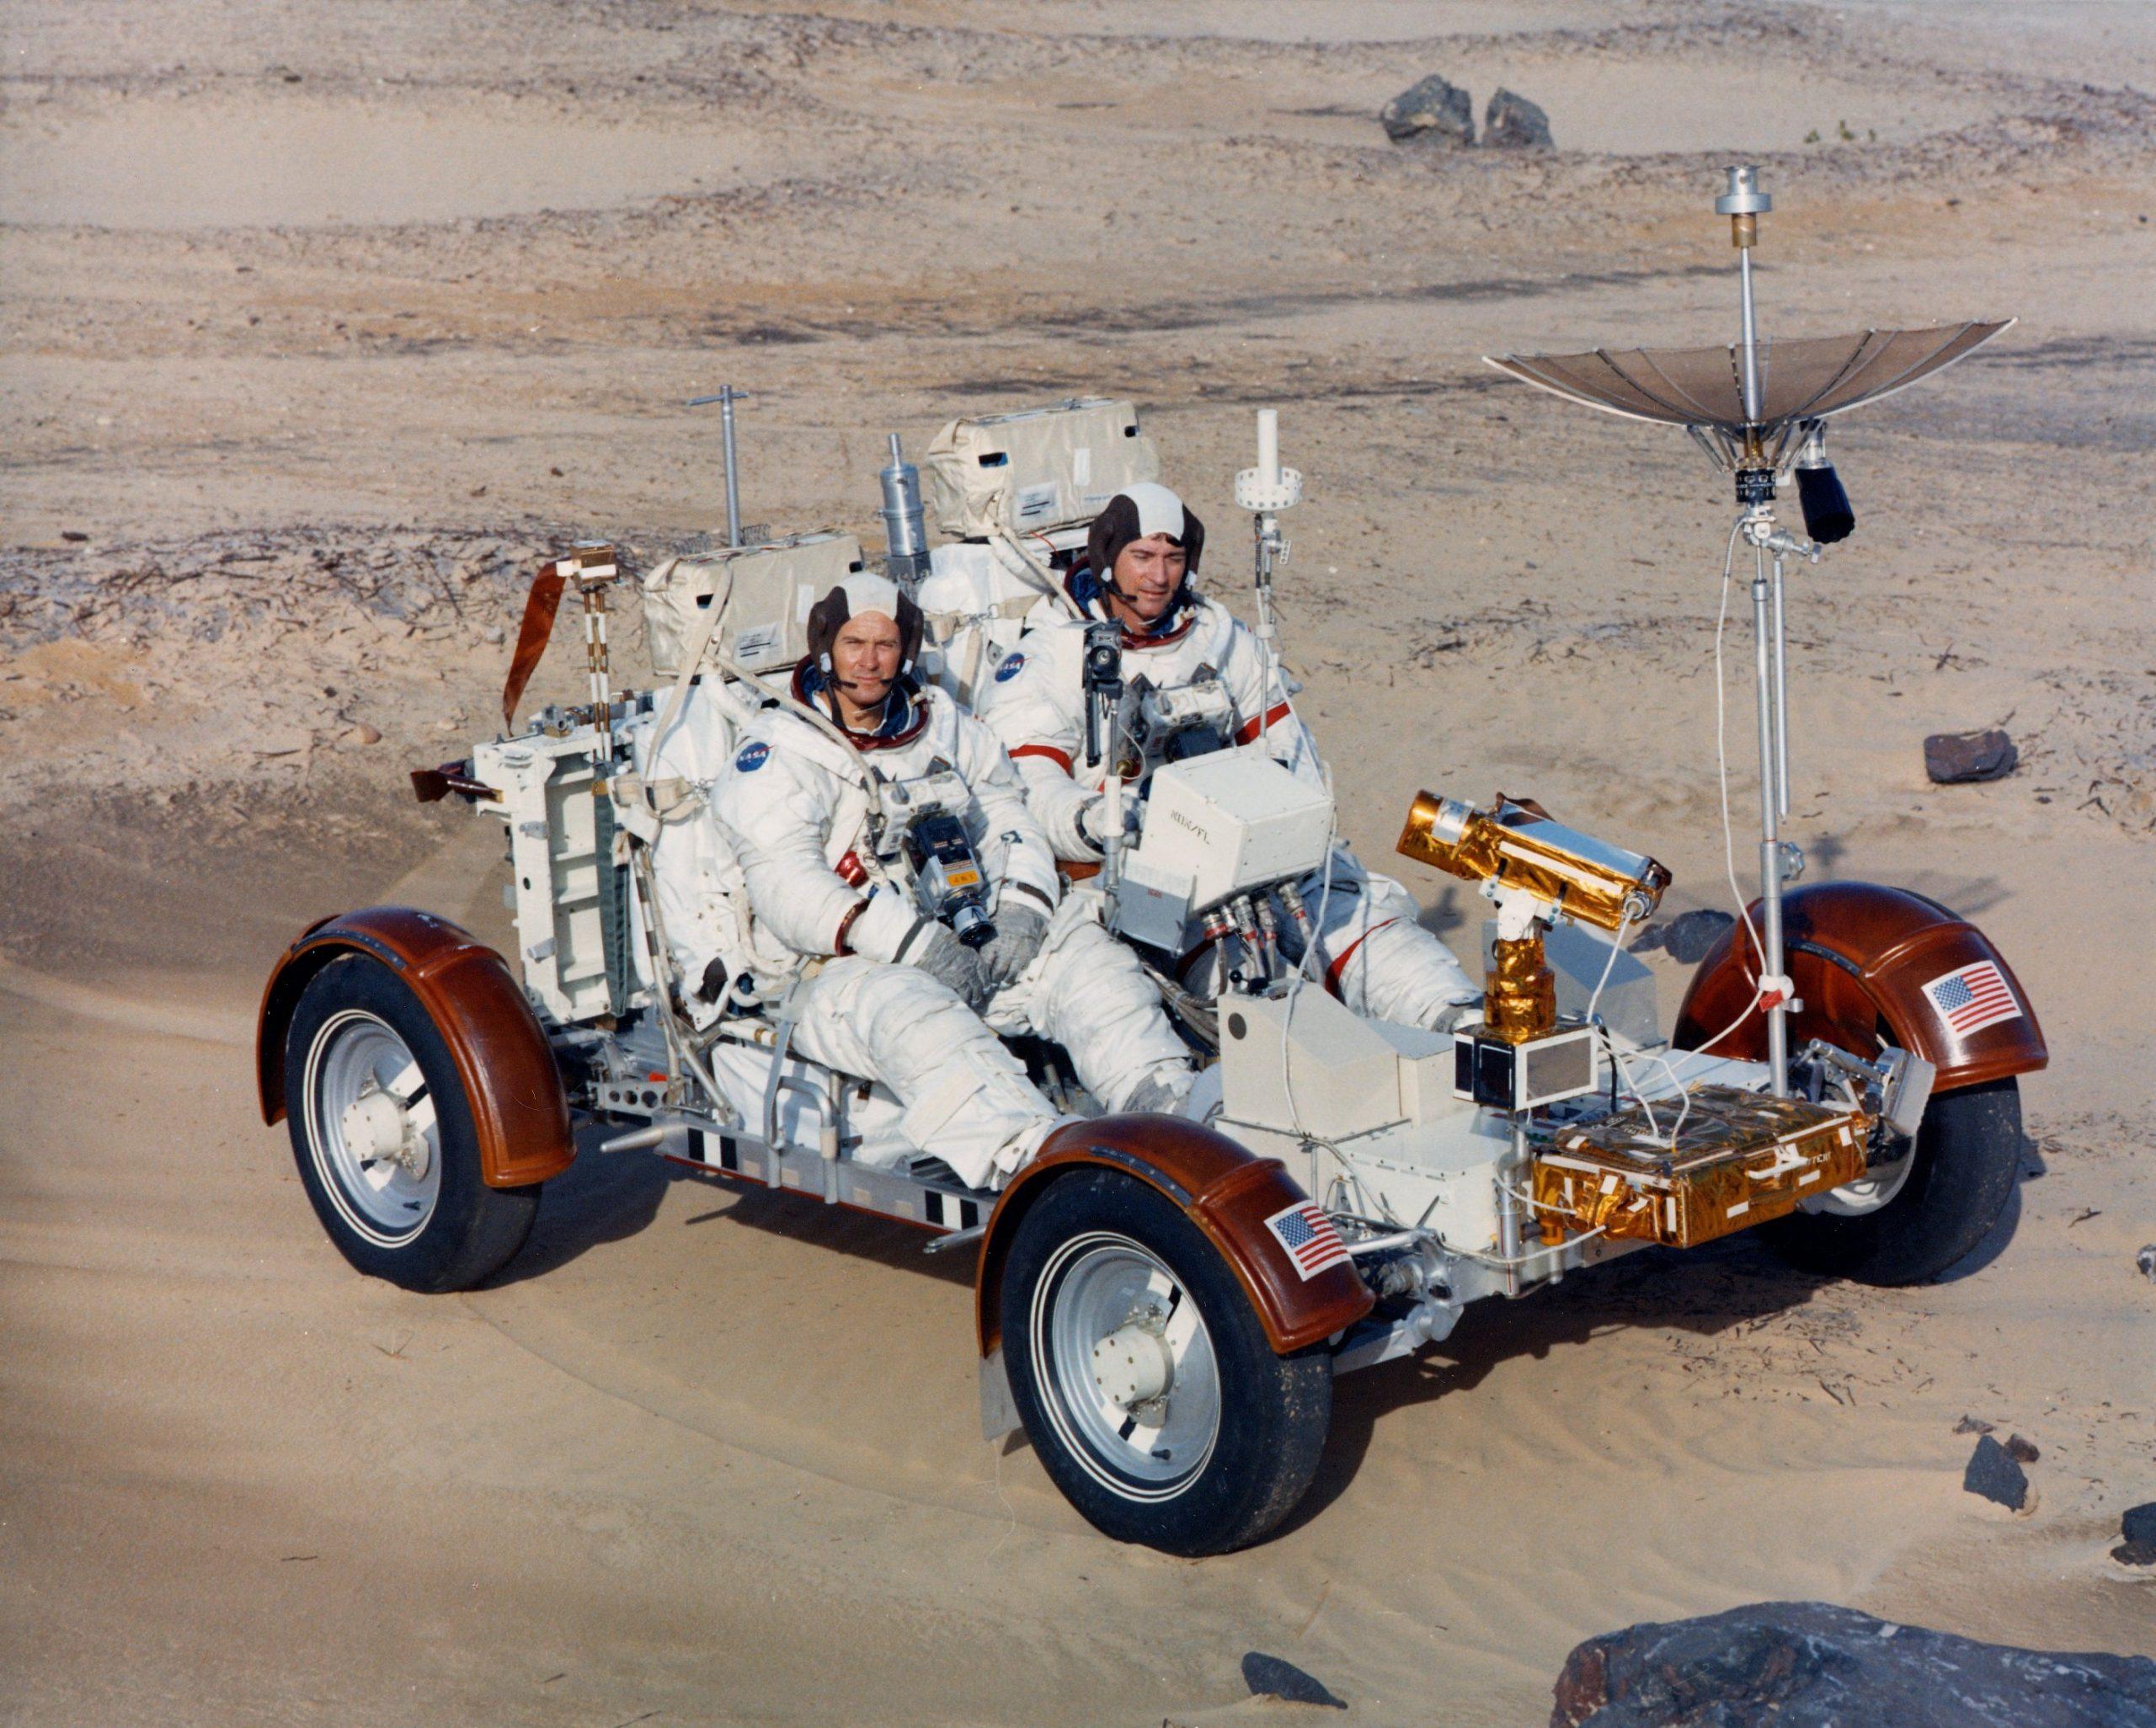 Apollo 16 Lunar Rover training